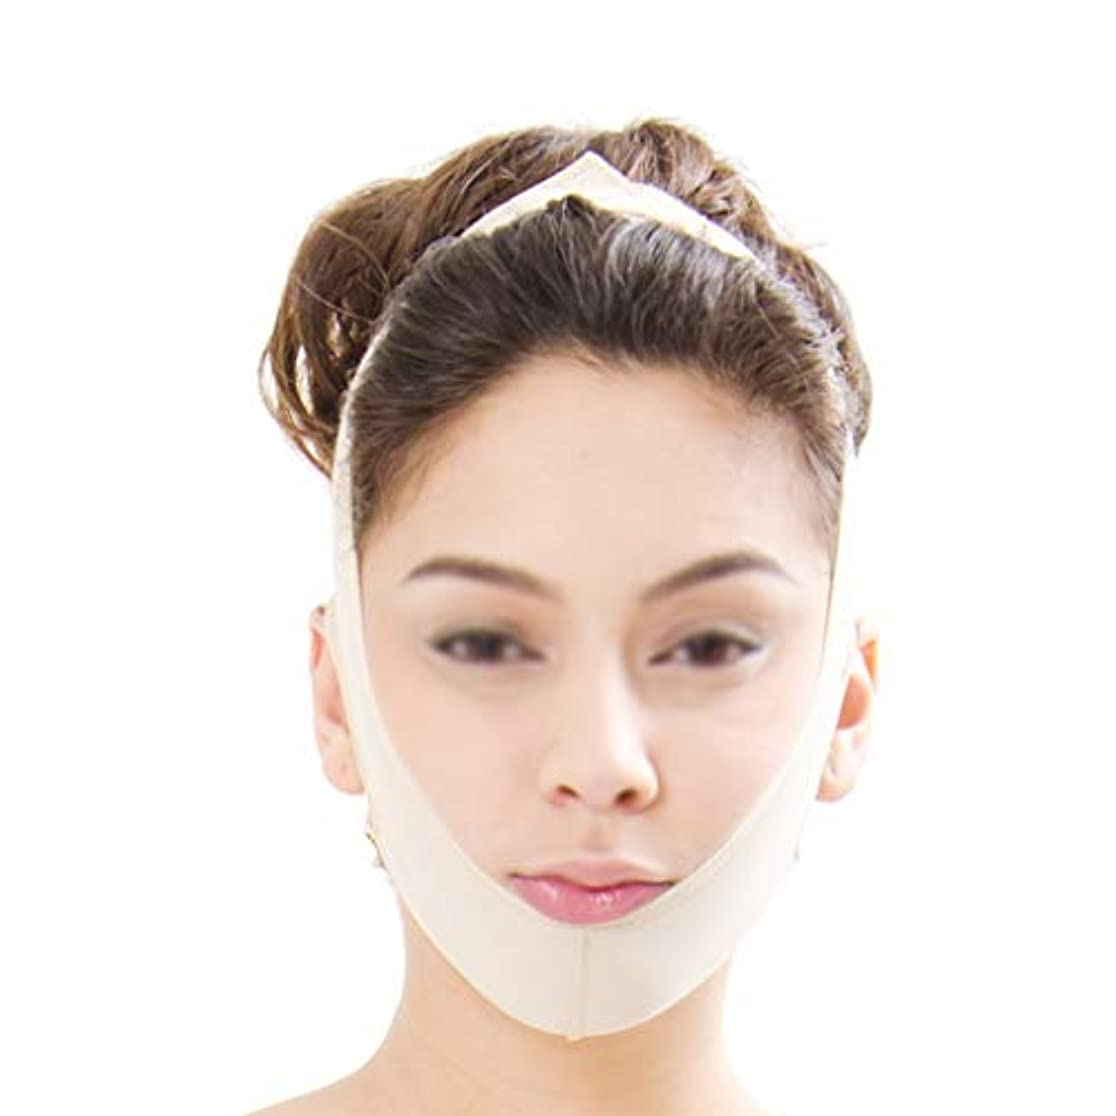 免疫するぼろクルーLJK フェイススリミング包帯、フェイスリフティングマスク、フェイスリフティング包帯、フェイシャル減量マスク、ダブルチンケア減量 (Size : XL)